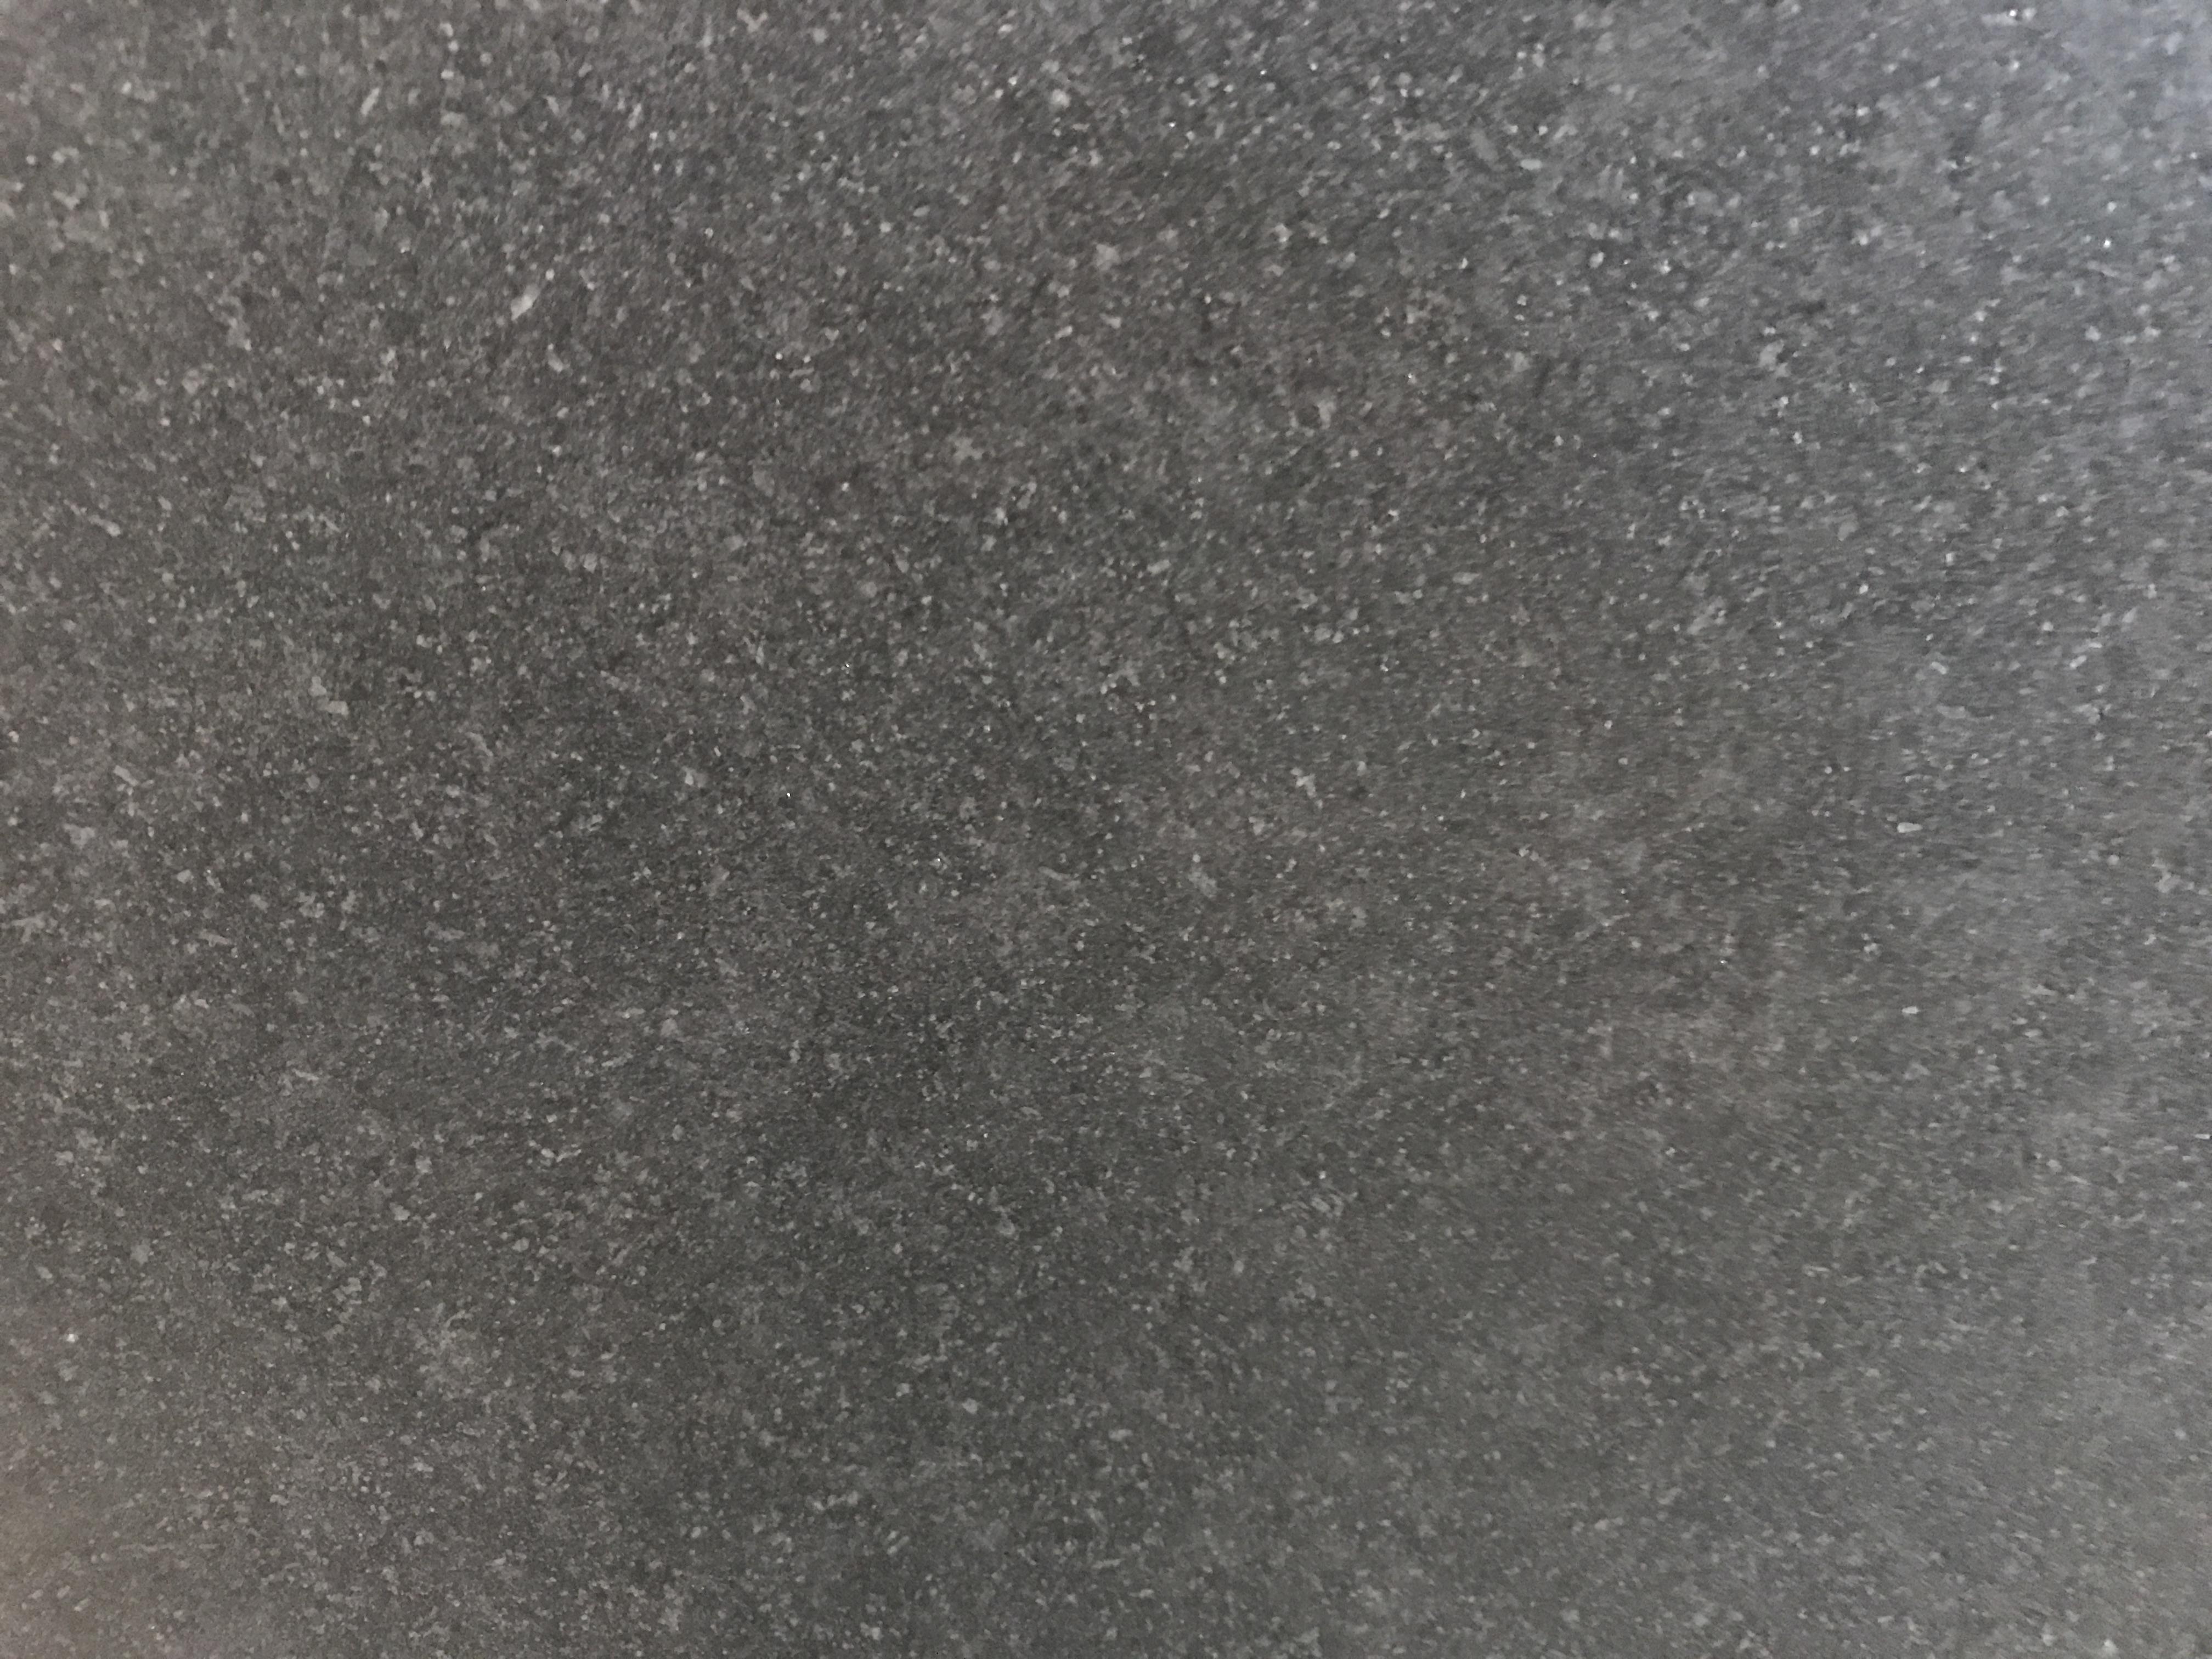 Granit Nero Assoluto nero assoluto fiammato mondial granit s p a